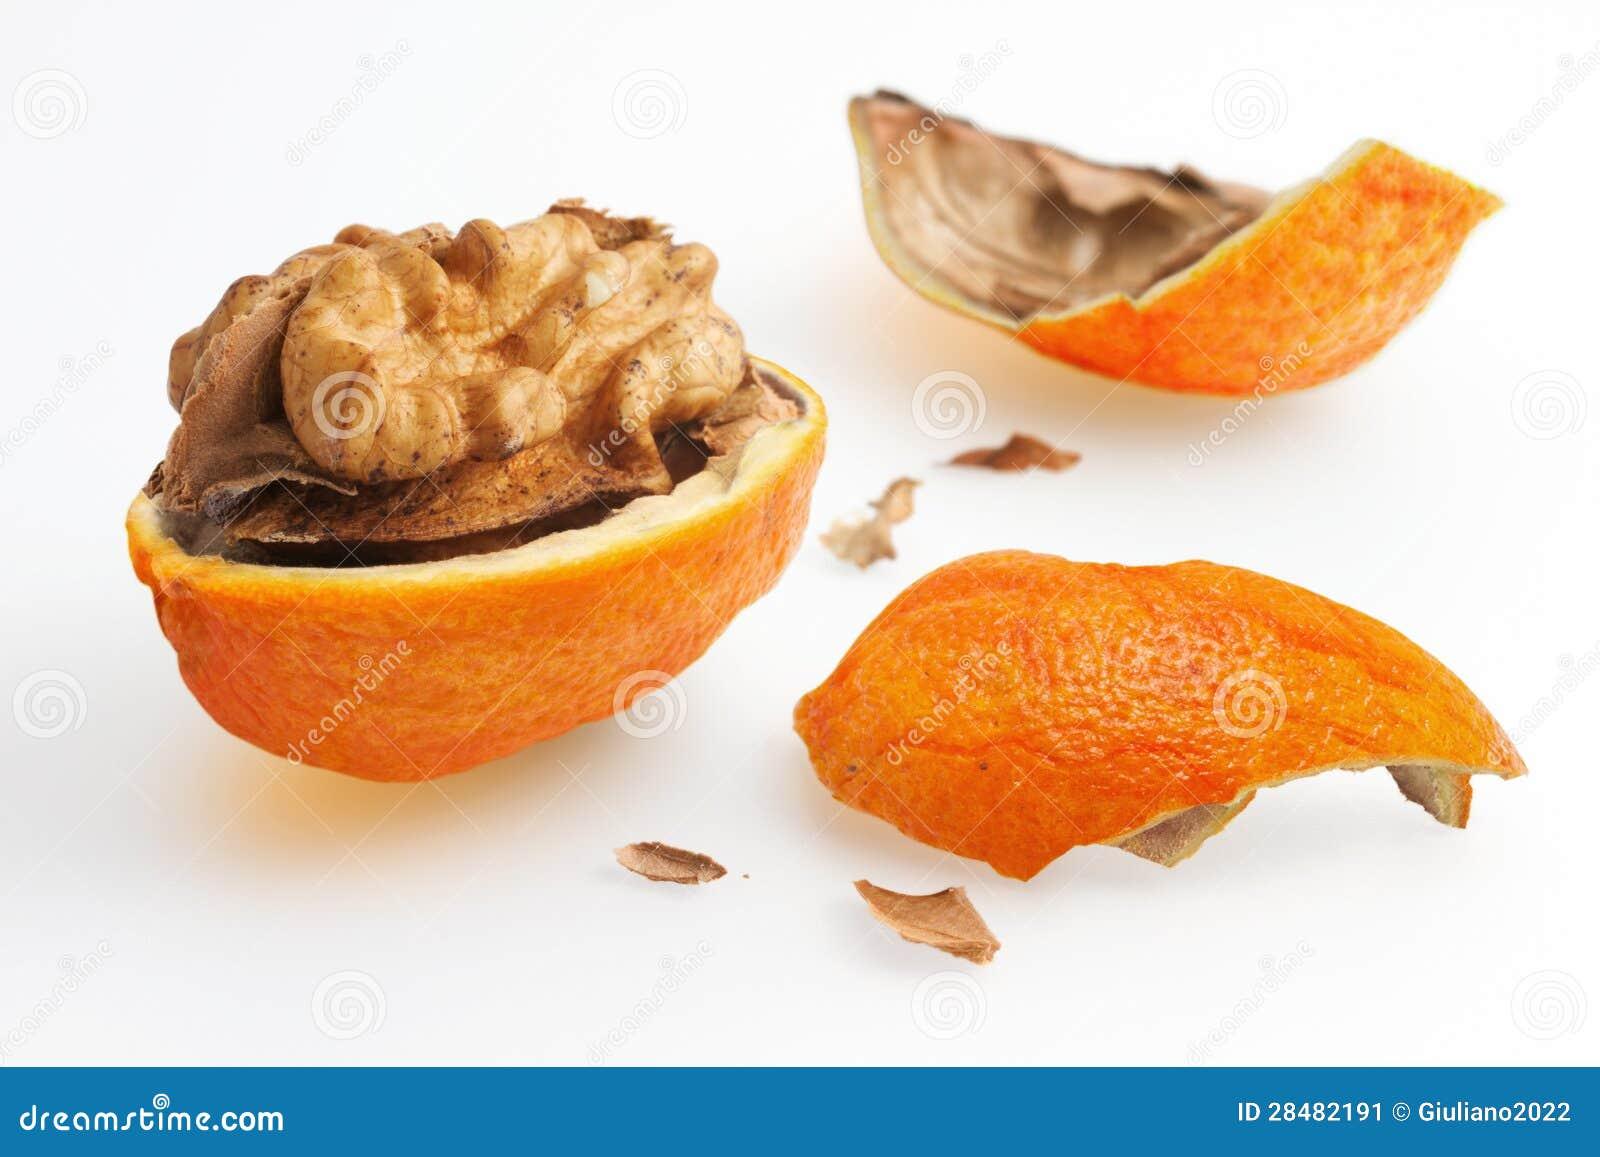 noix avec la peau d 39 orange image stock image 28482191. Black Bedroom Furniture Sets. Home Design Ideas